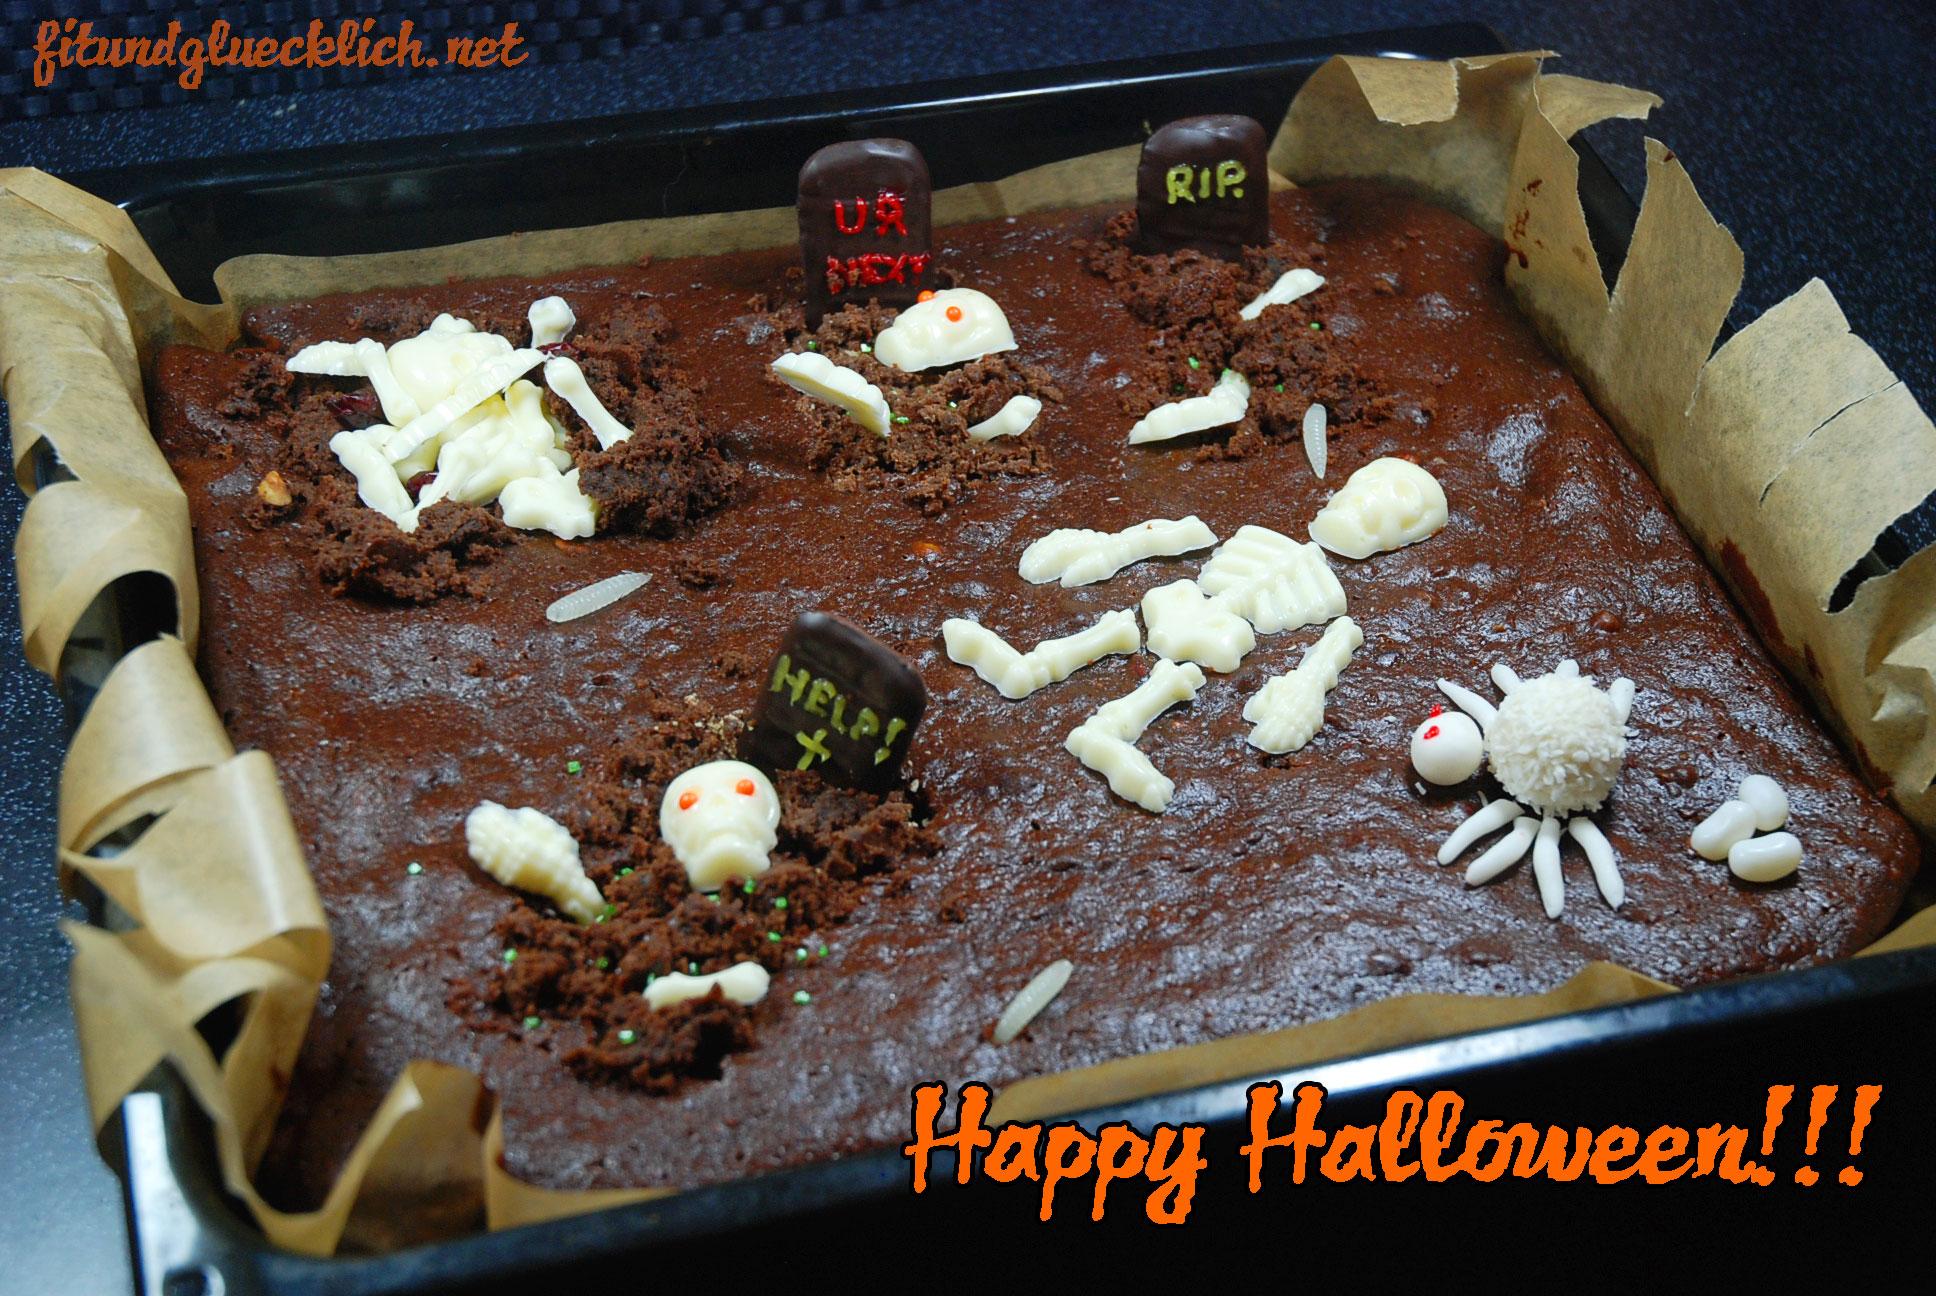 Friedhofs-Nutella-Brownies / Graveyard Nutella Brownies